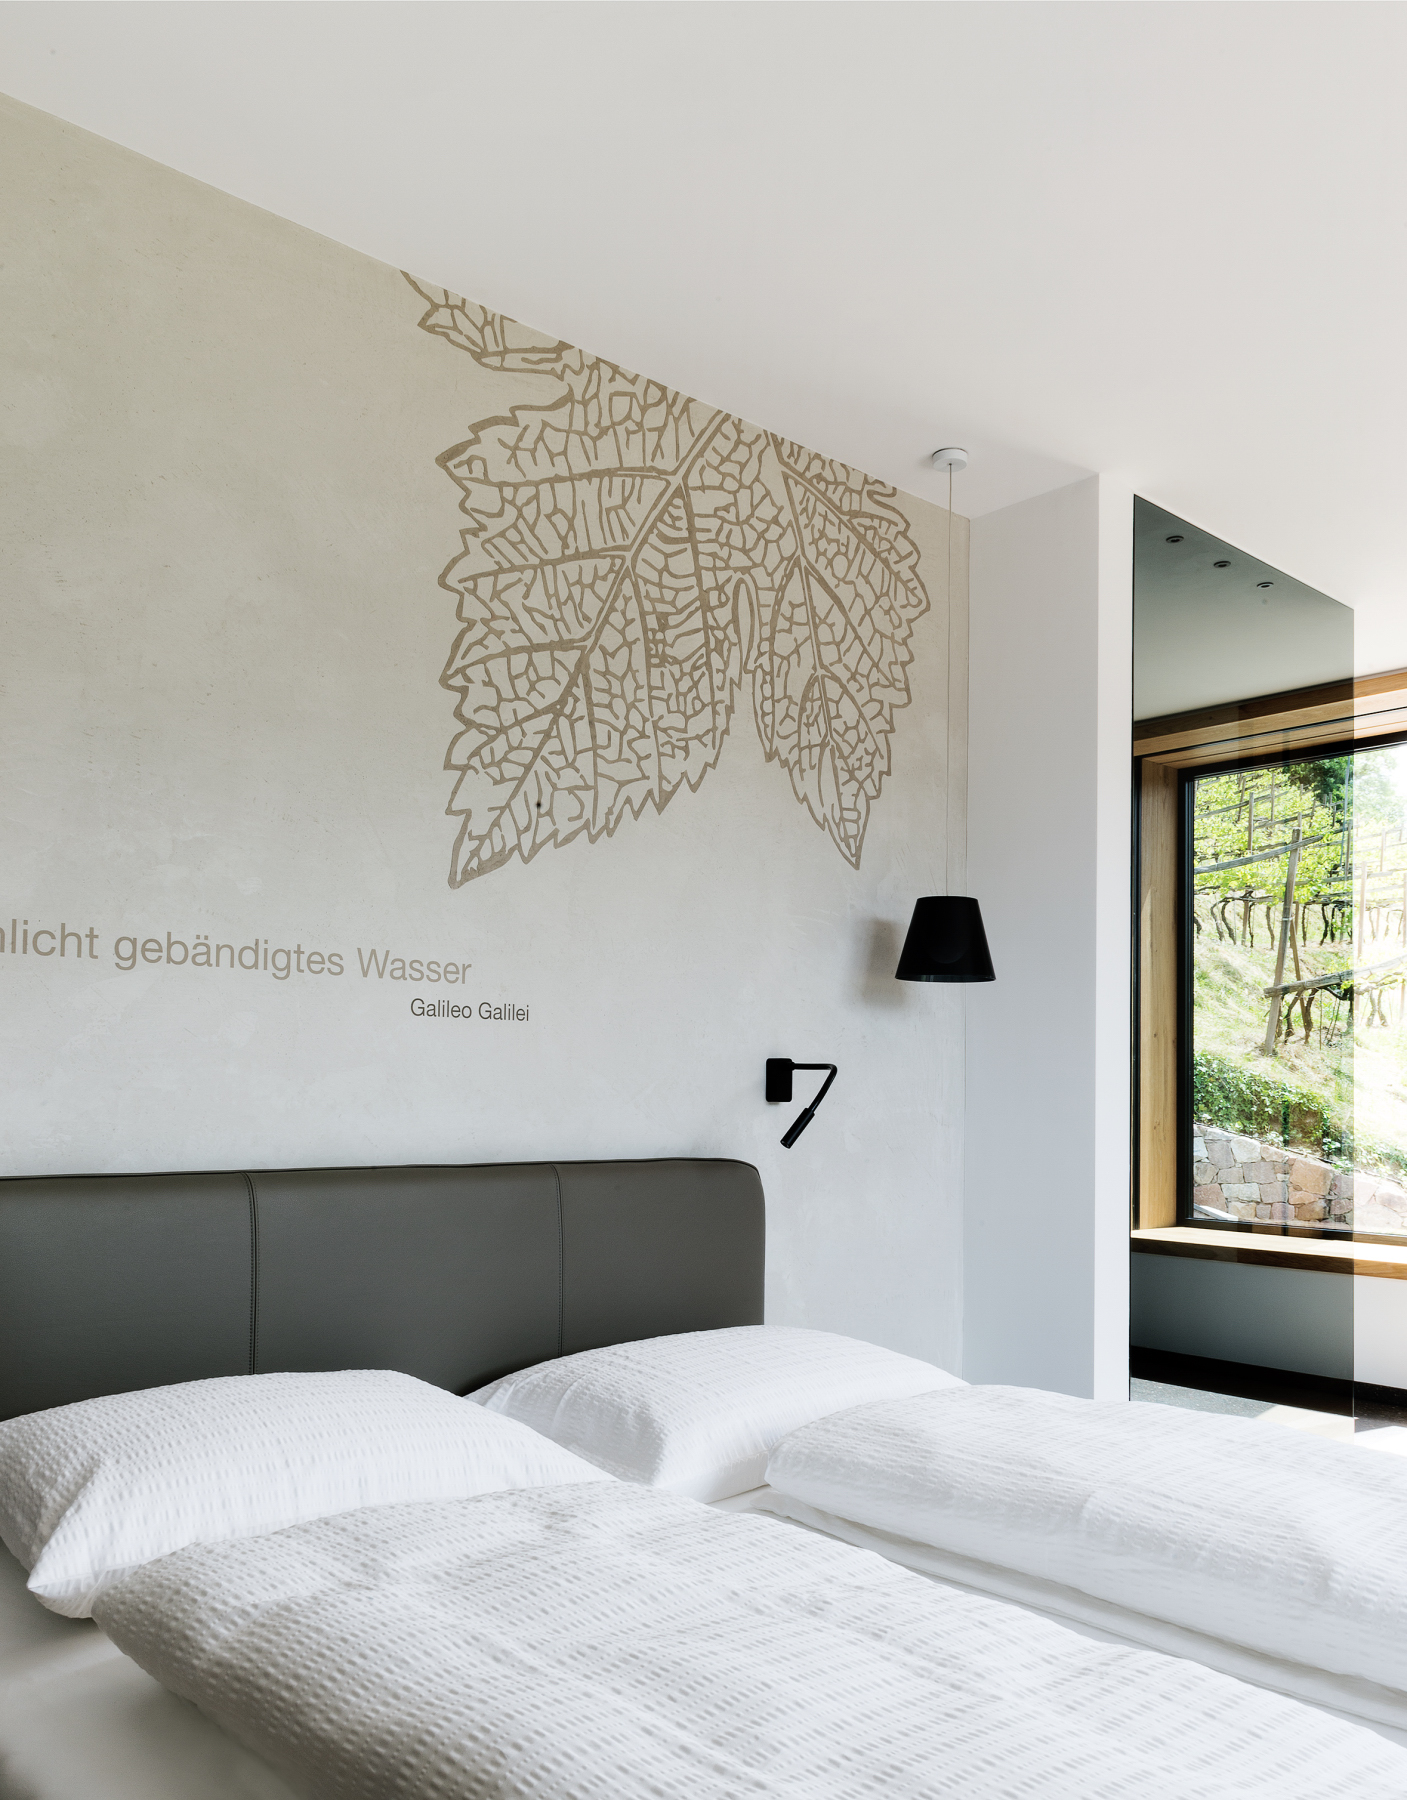 Schlafzimmer - camera da letto